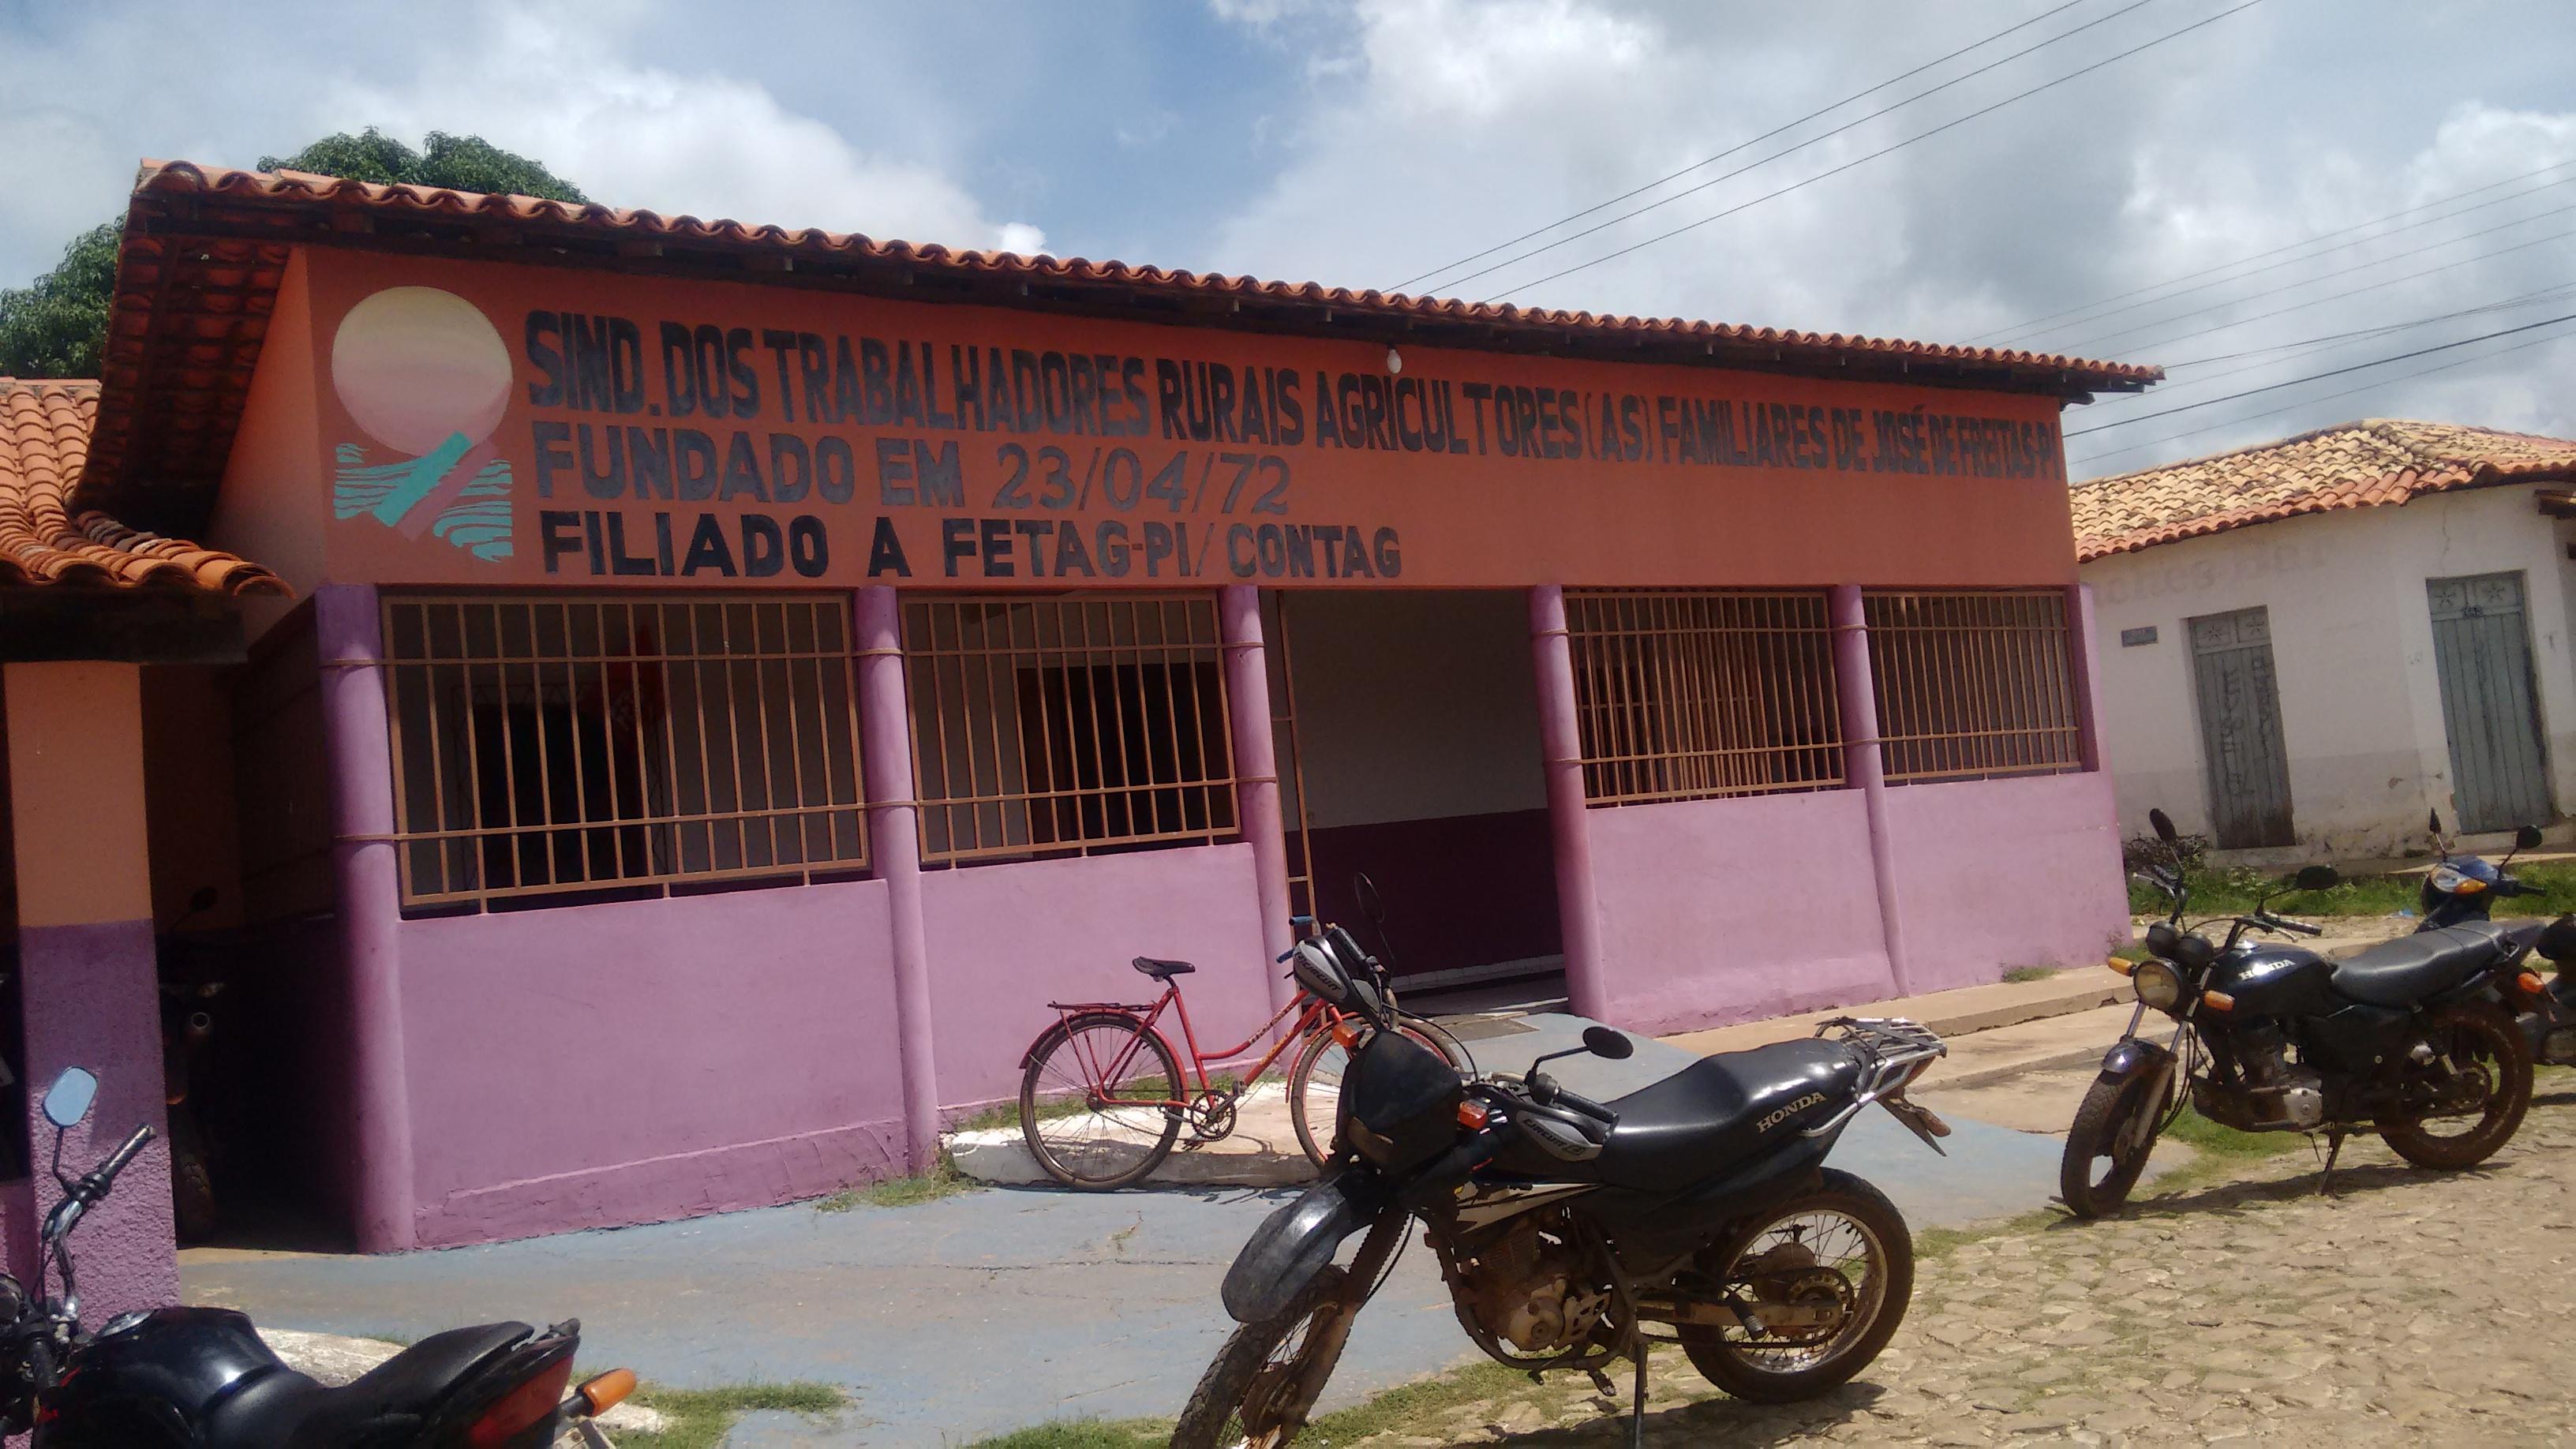 STTR promoverá a X Feira Municipal da agricultura familiar e economia solidária de José de Freitas neste final de semana